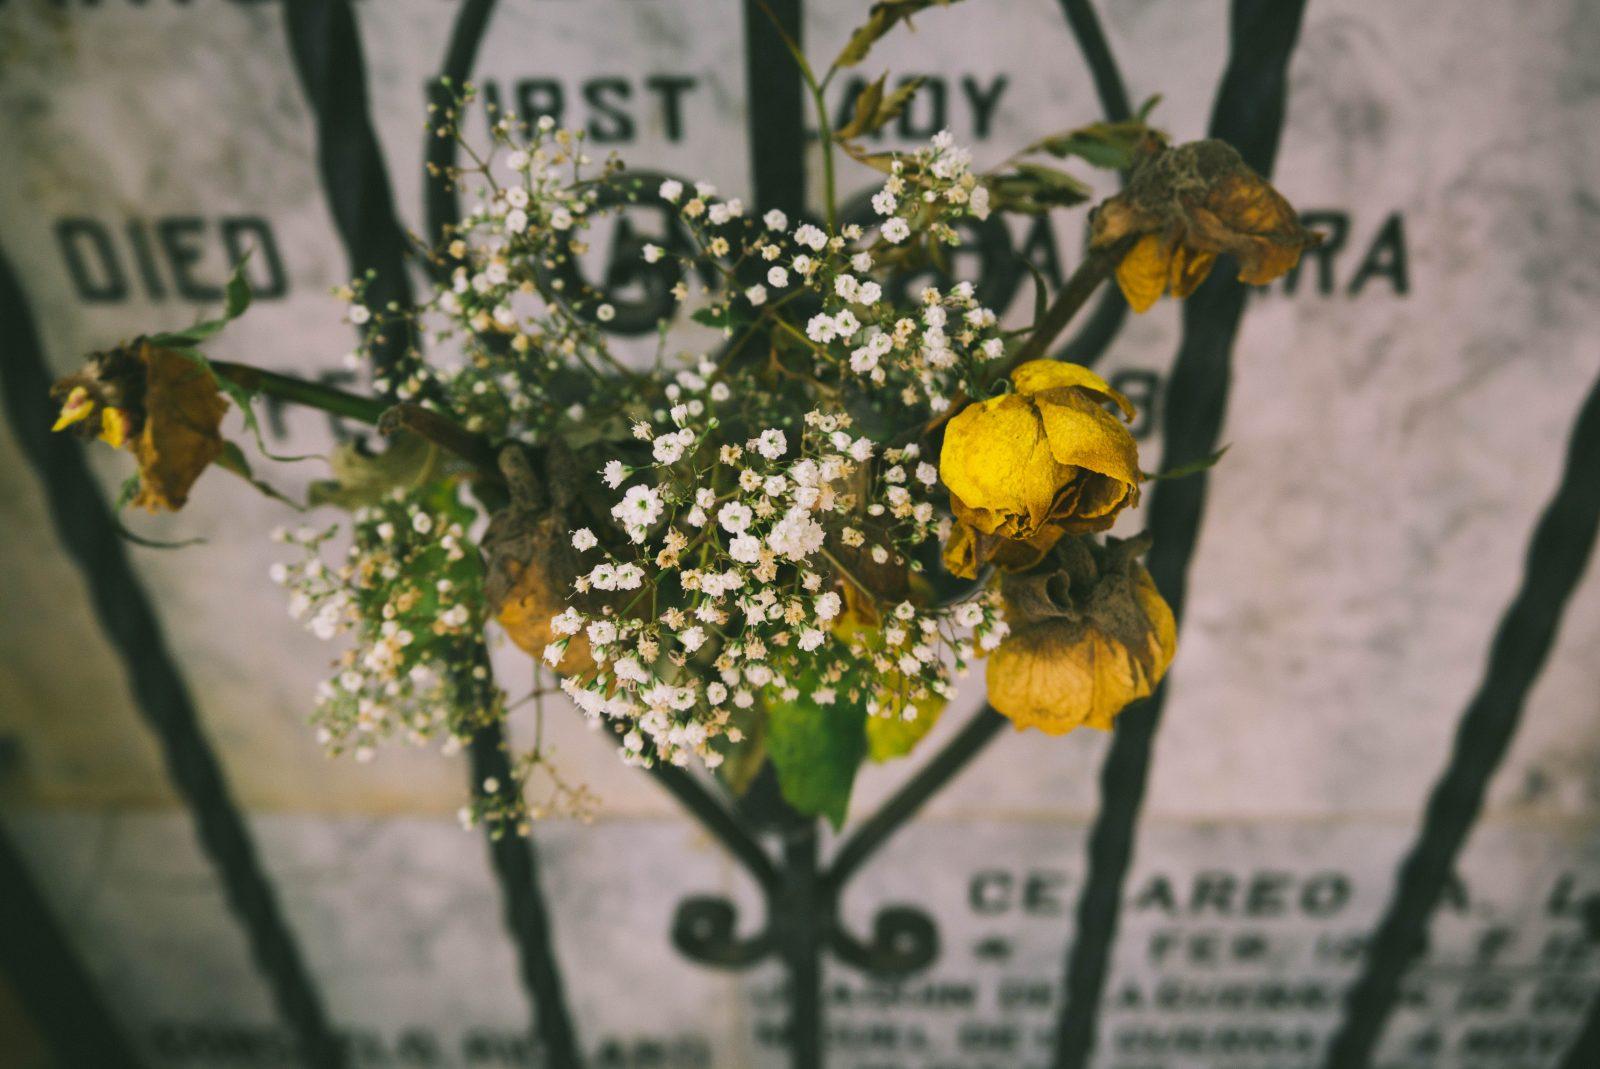 c6mccgmrlu0 - 9/11 Memorial and Museum